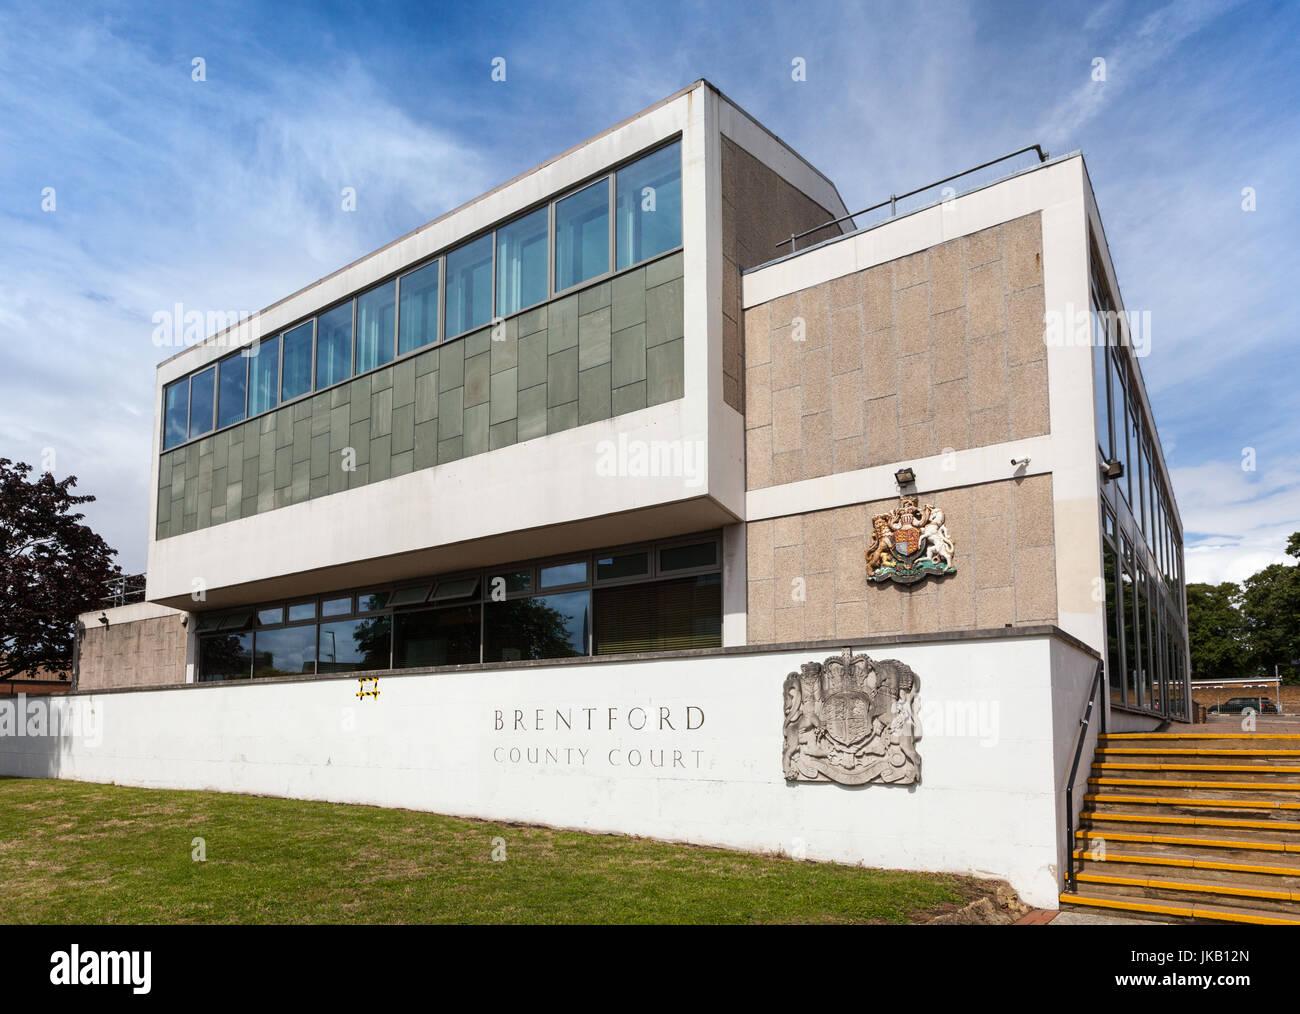 La Cour de comté de Brentford et Tribunal de la famille Banque D'Images